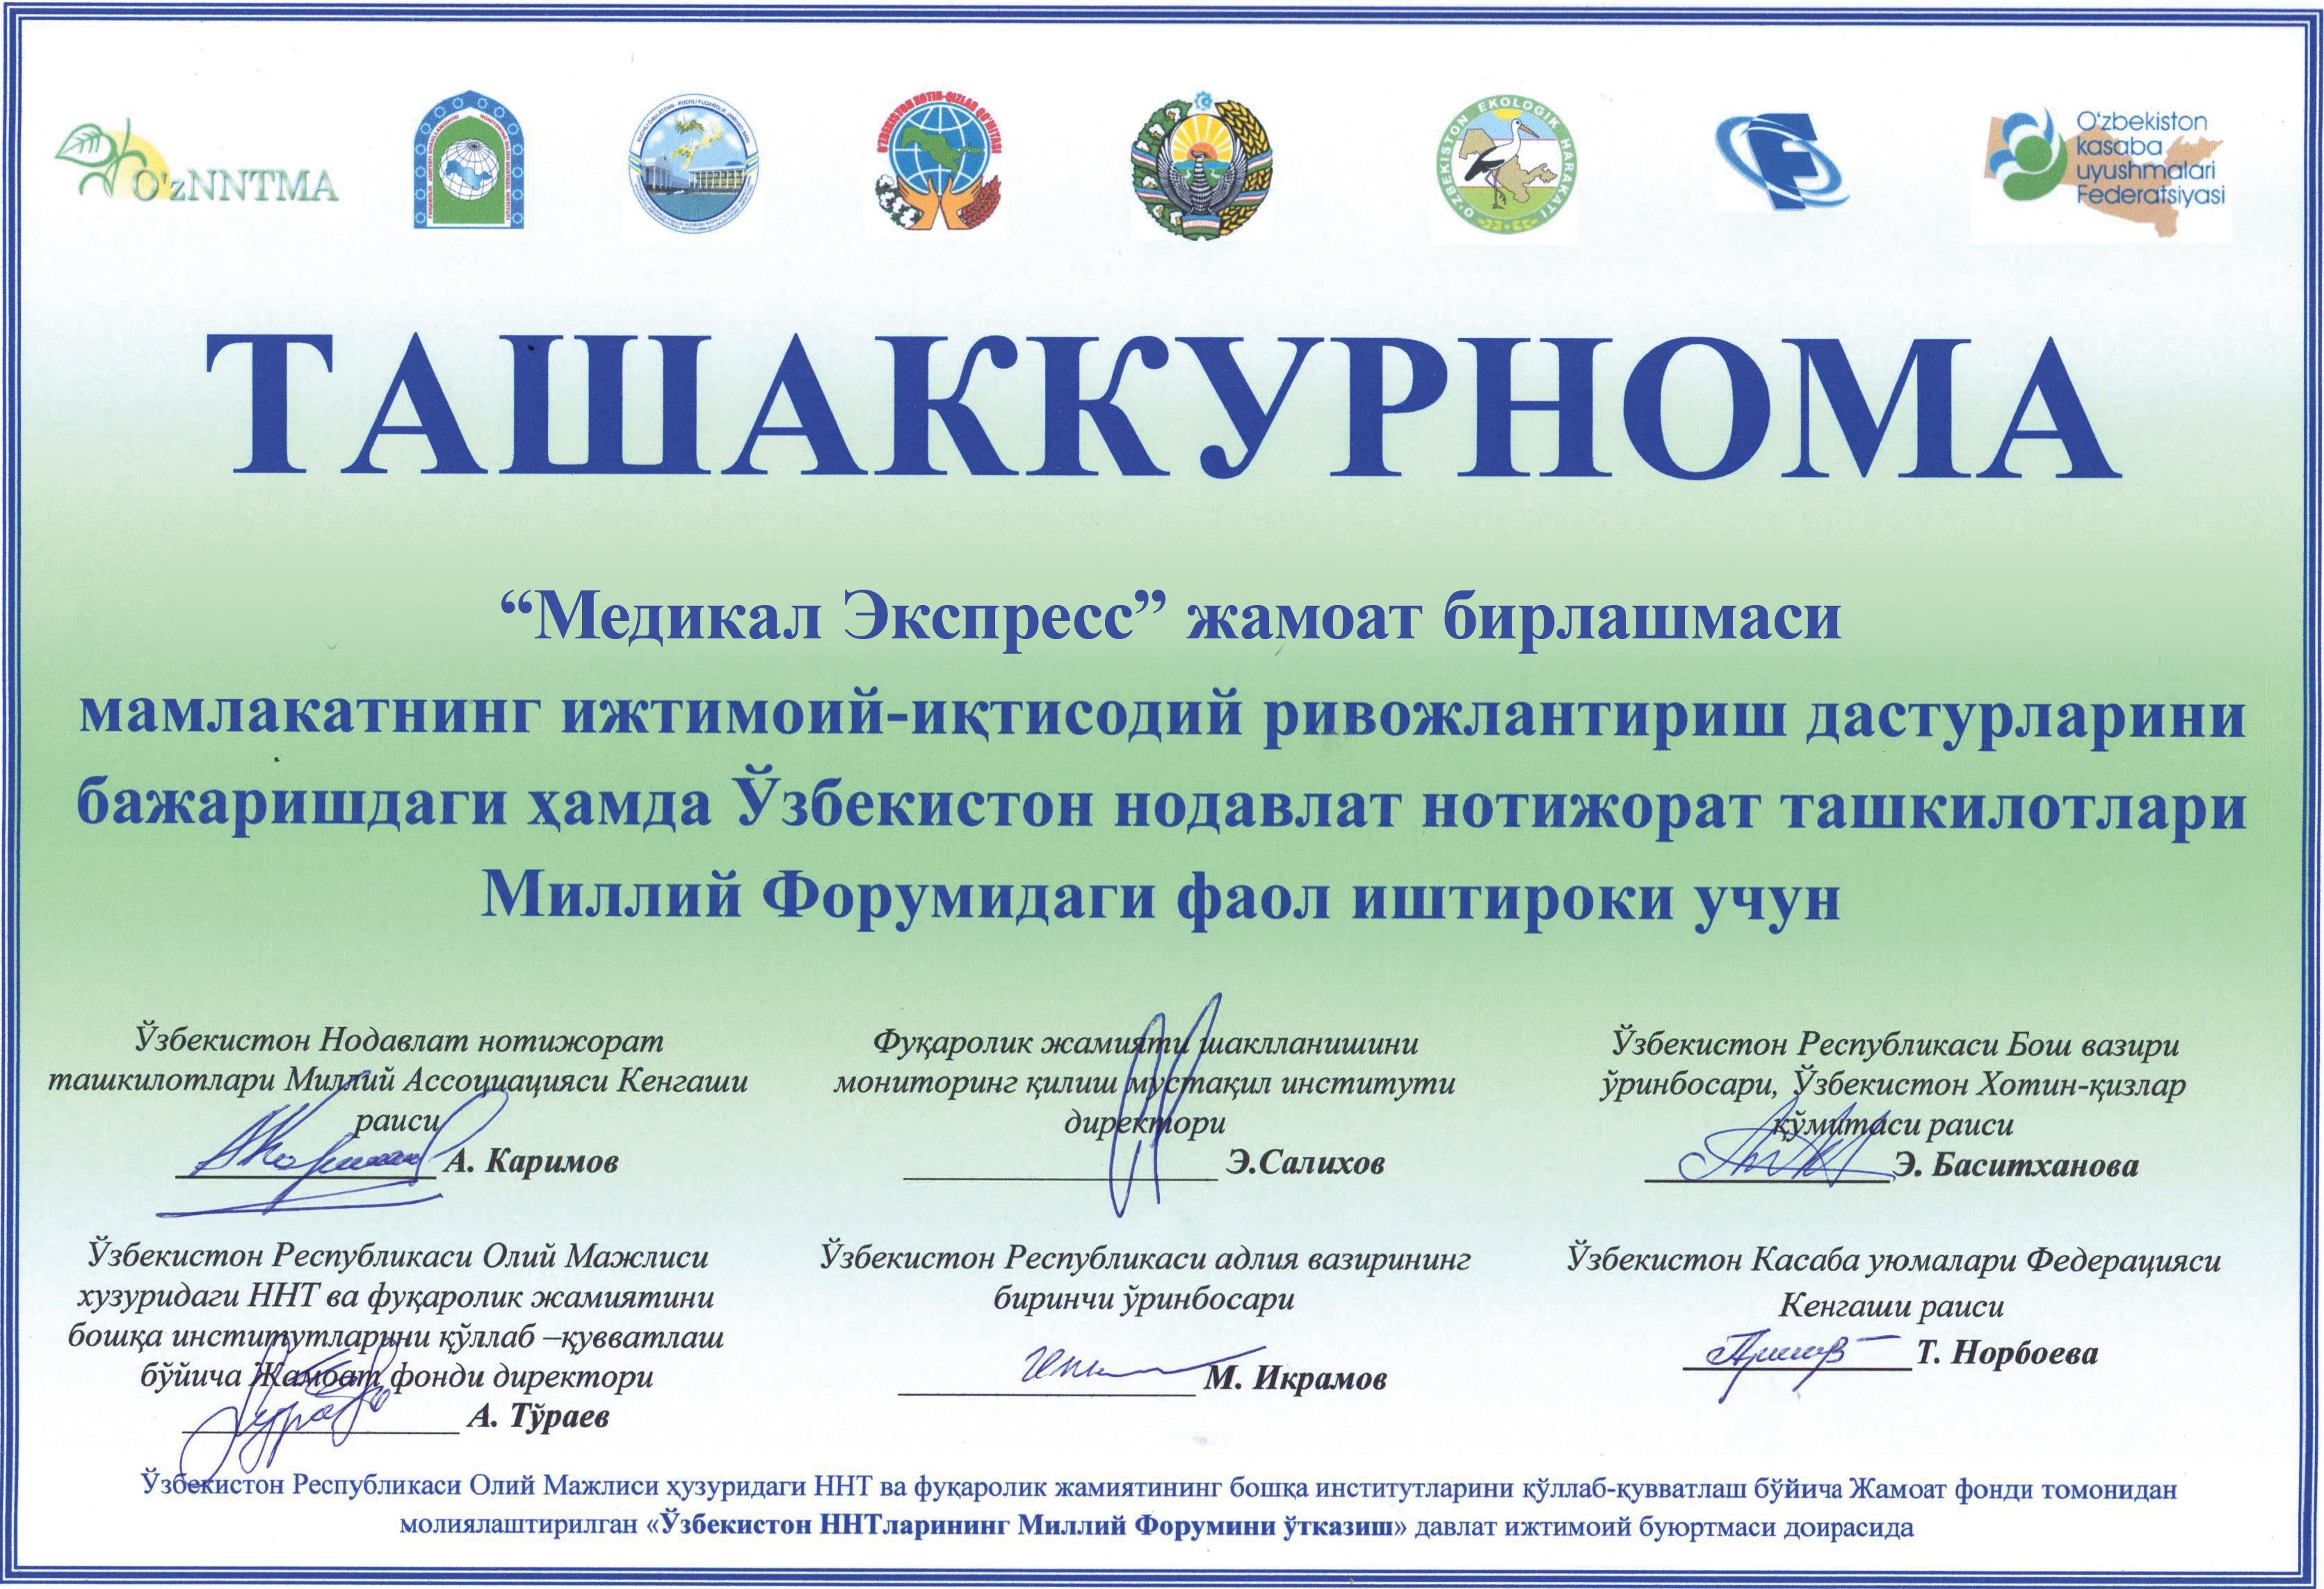 http://medicalexpress.uz/uploads/o%20nas/Tashakkurnoma%20(1).jpg